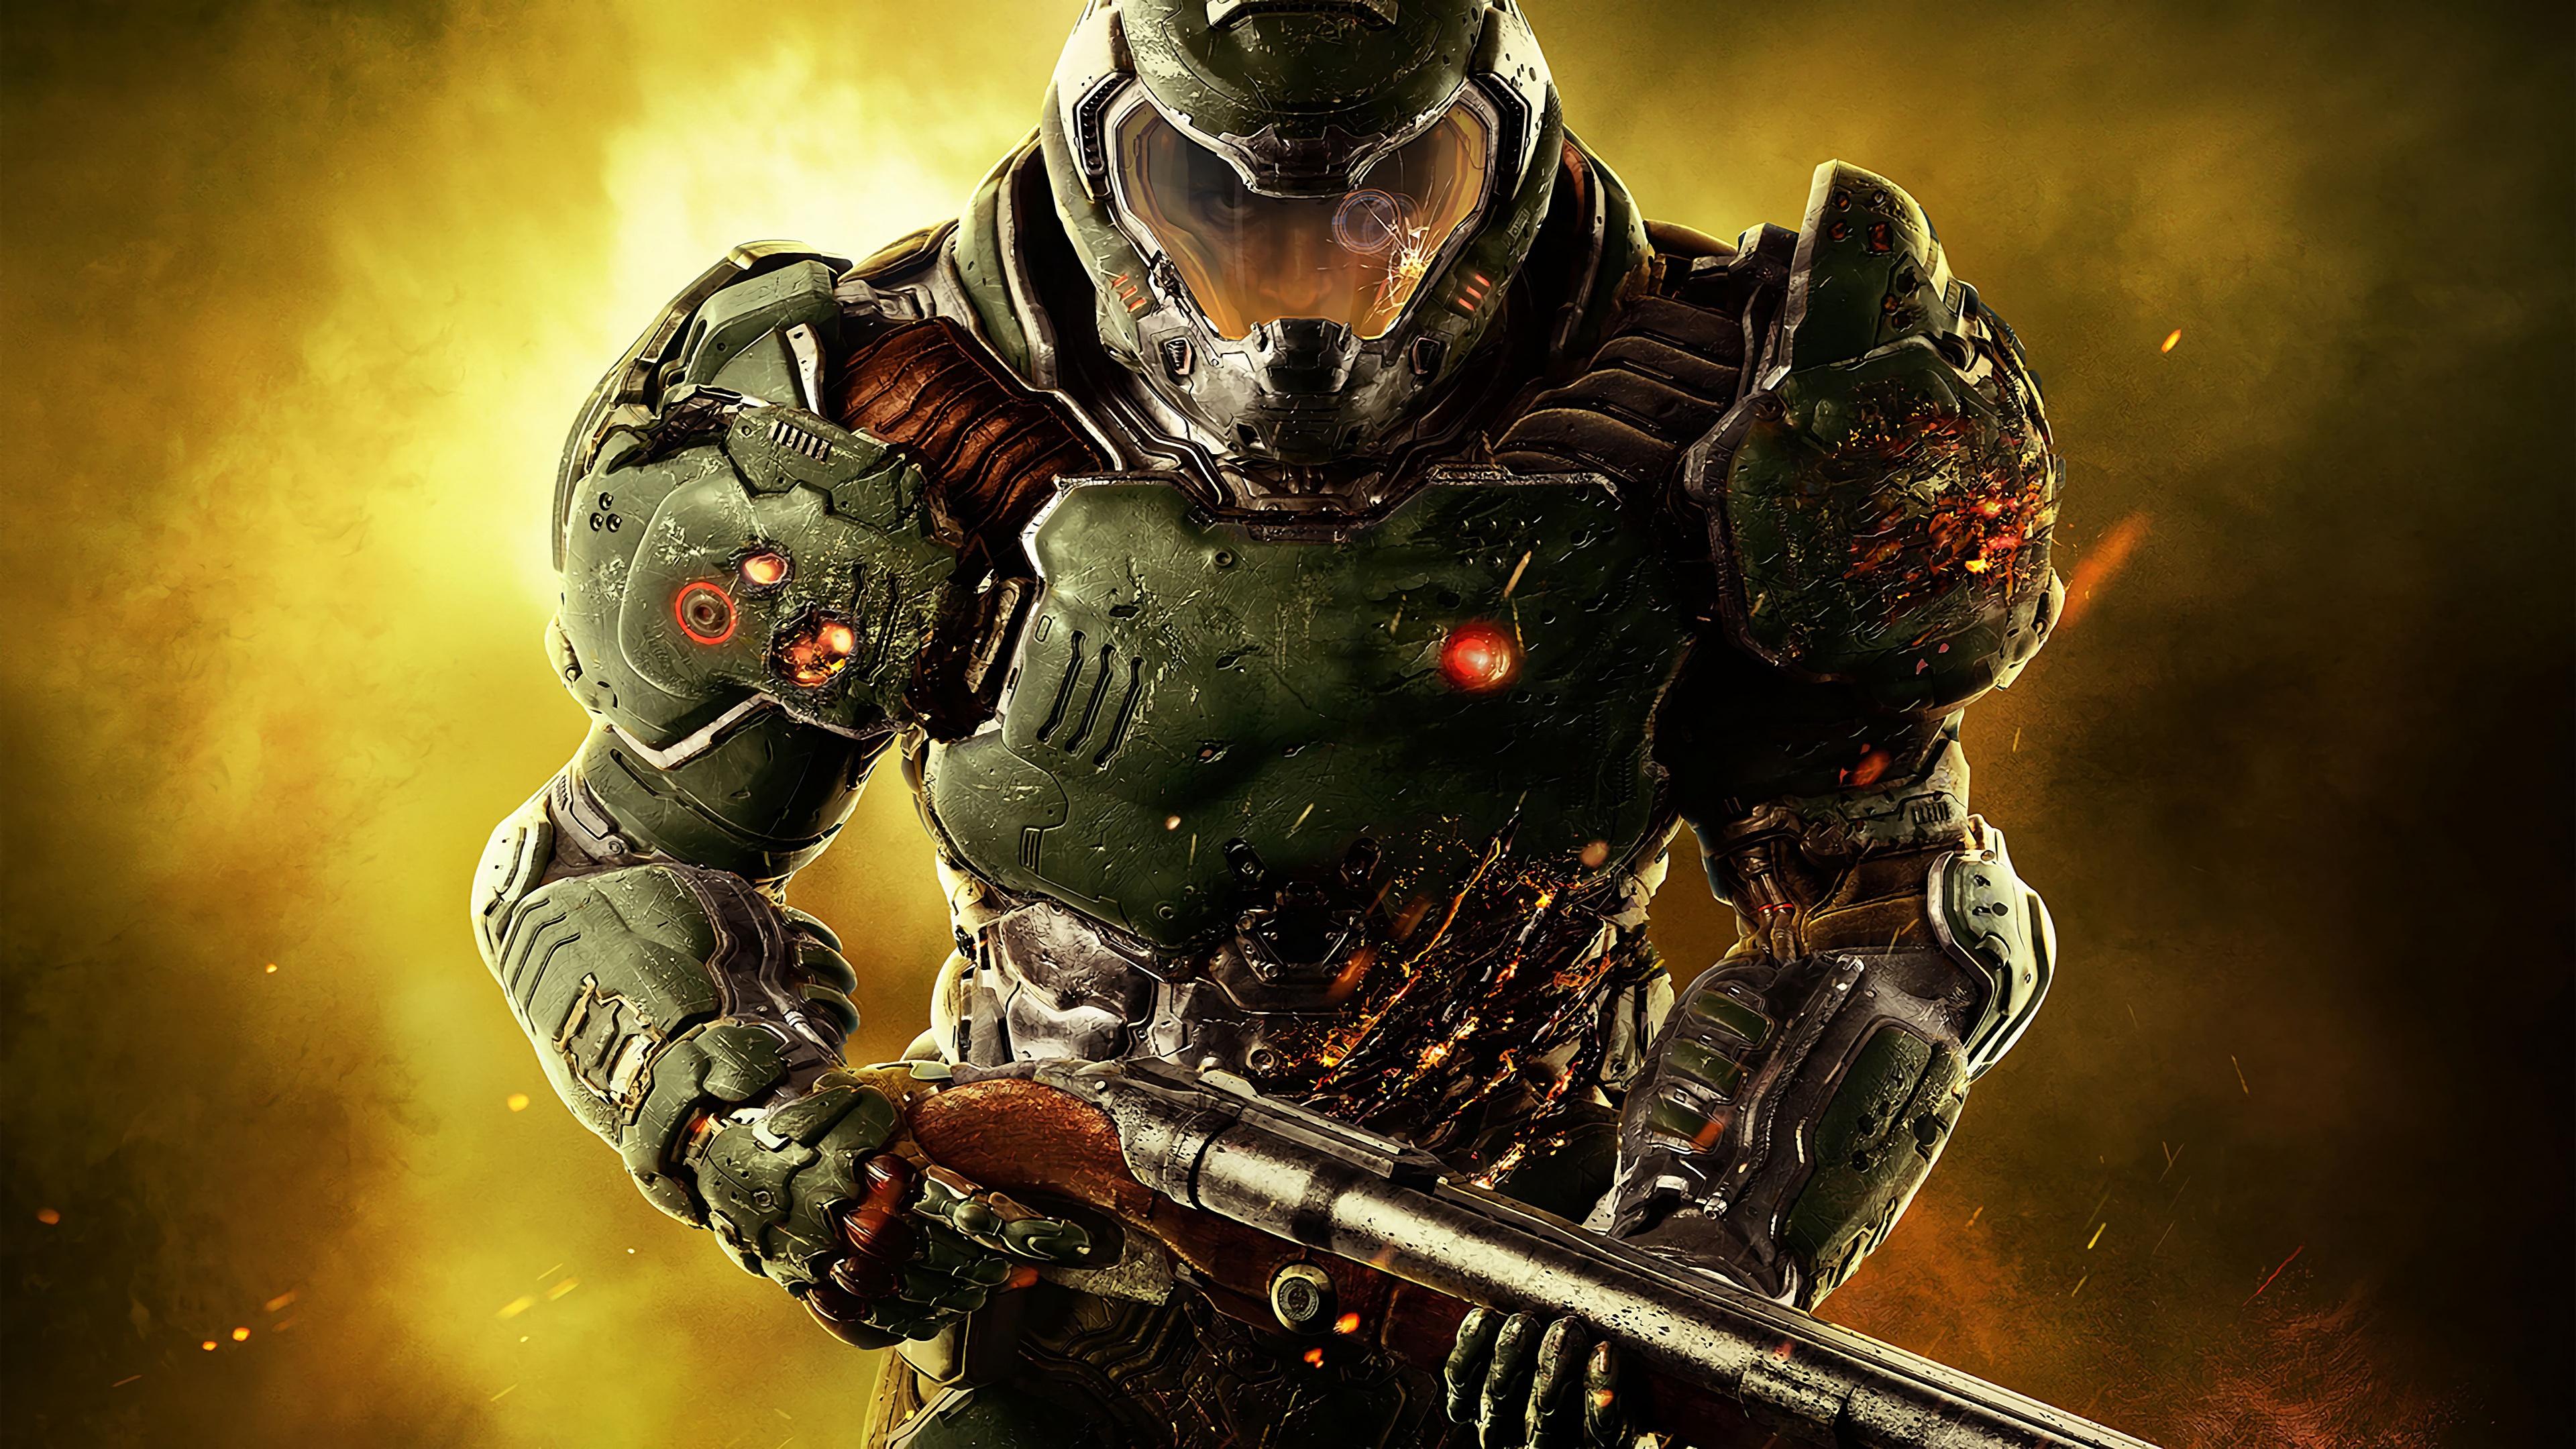 Doom 2016 Pictures